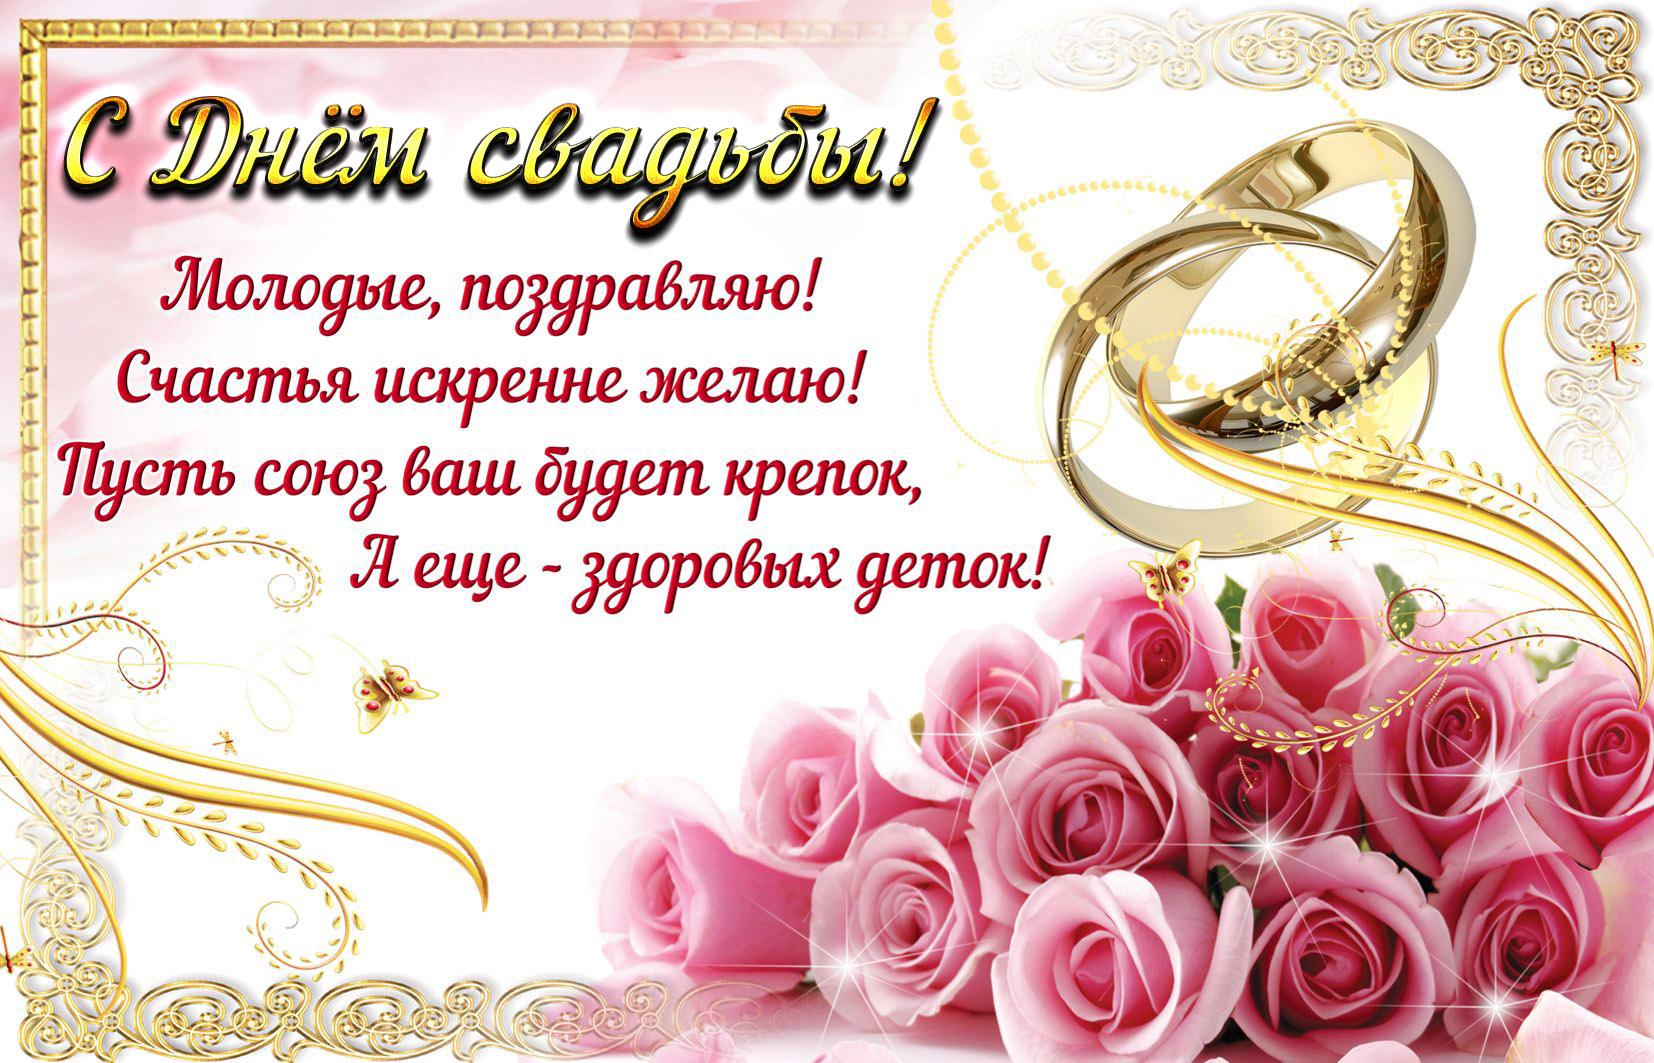 Большие поздравительные открытки с днем свадьбы